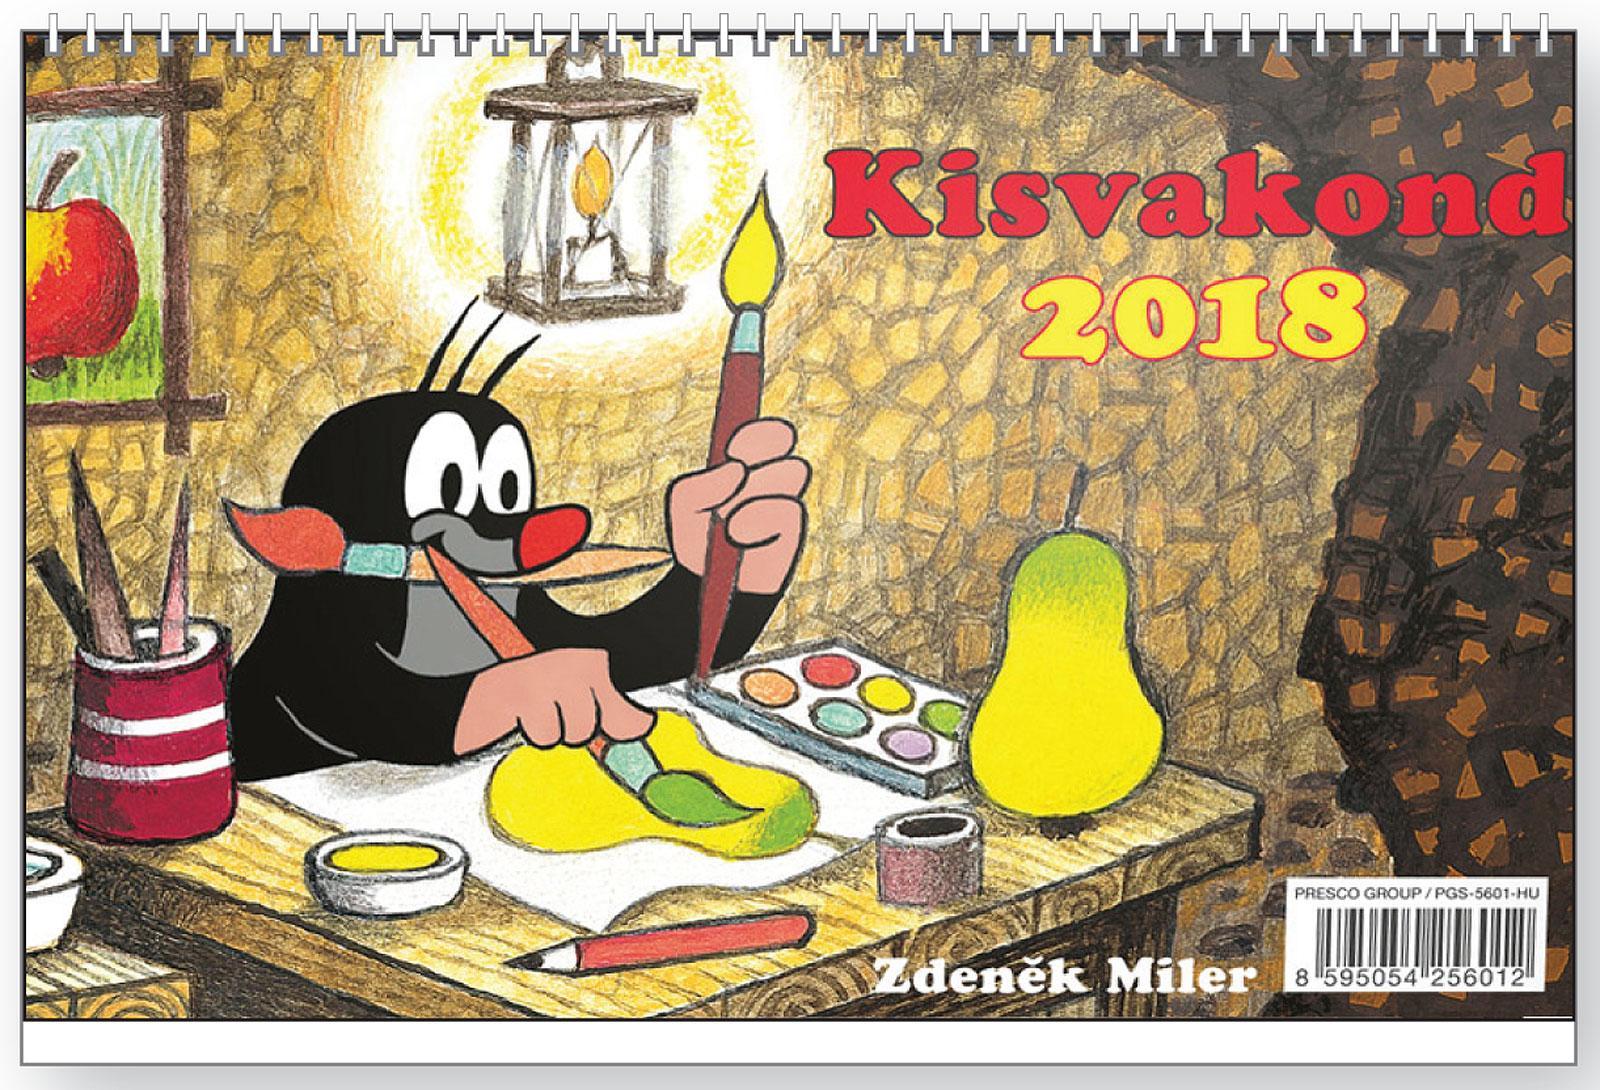 KISVAKOND KÉPES ASZTALI NAPTÁR 2018